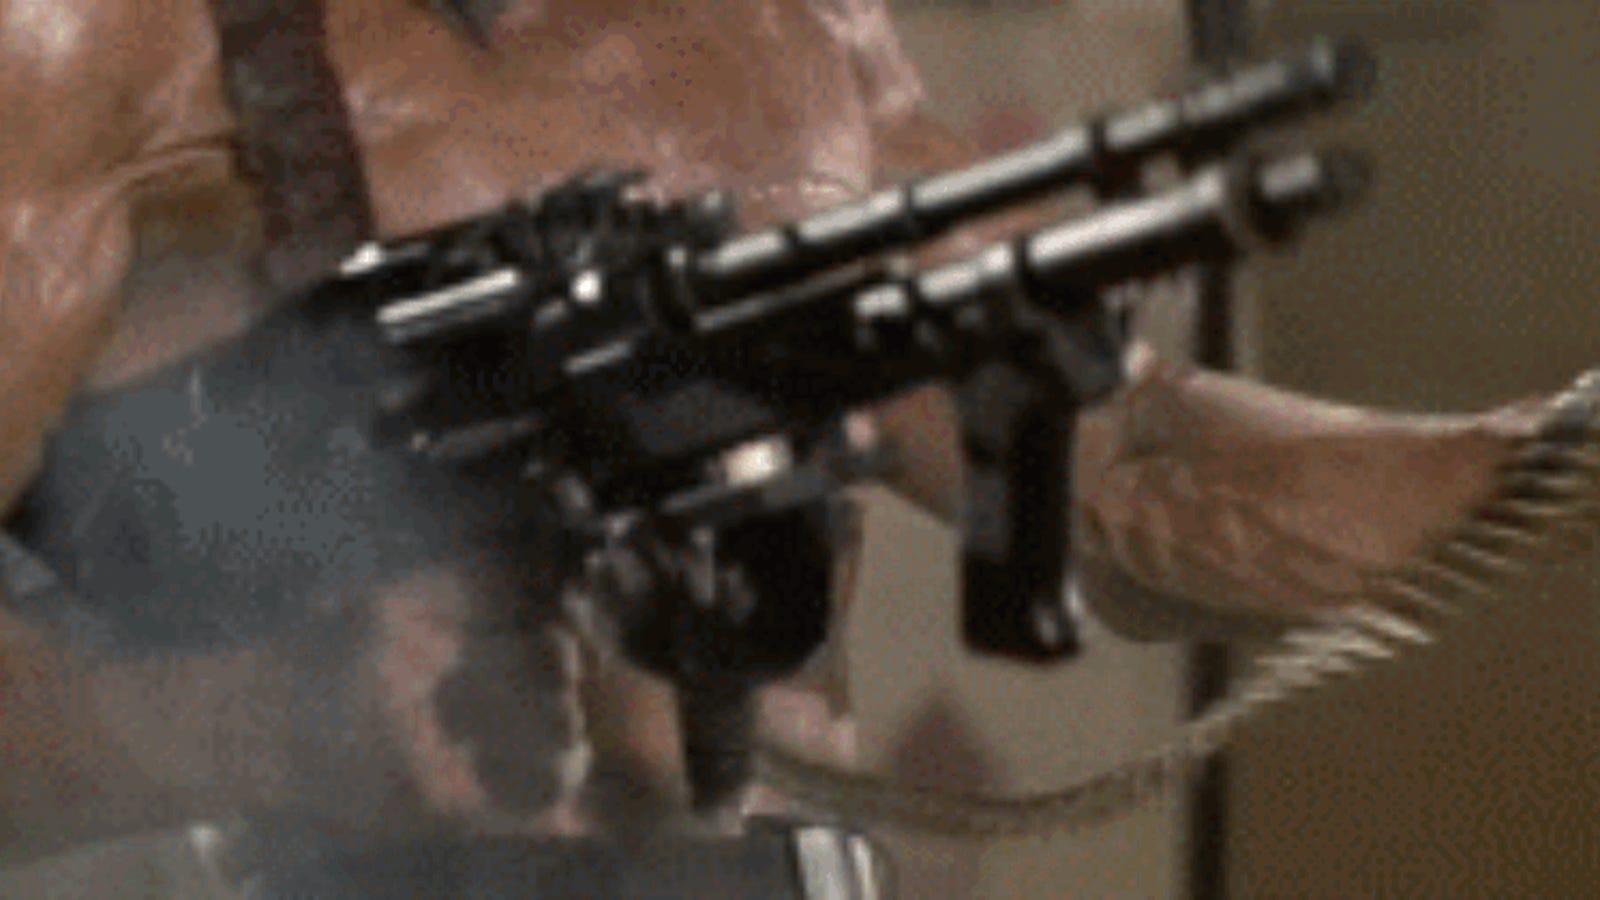 Lo más parecido a Rambo en la vida real se llamaba Alvin York, y Rambo no le llegaba ni a la suela de los zapatos